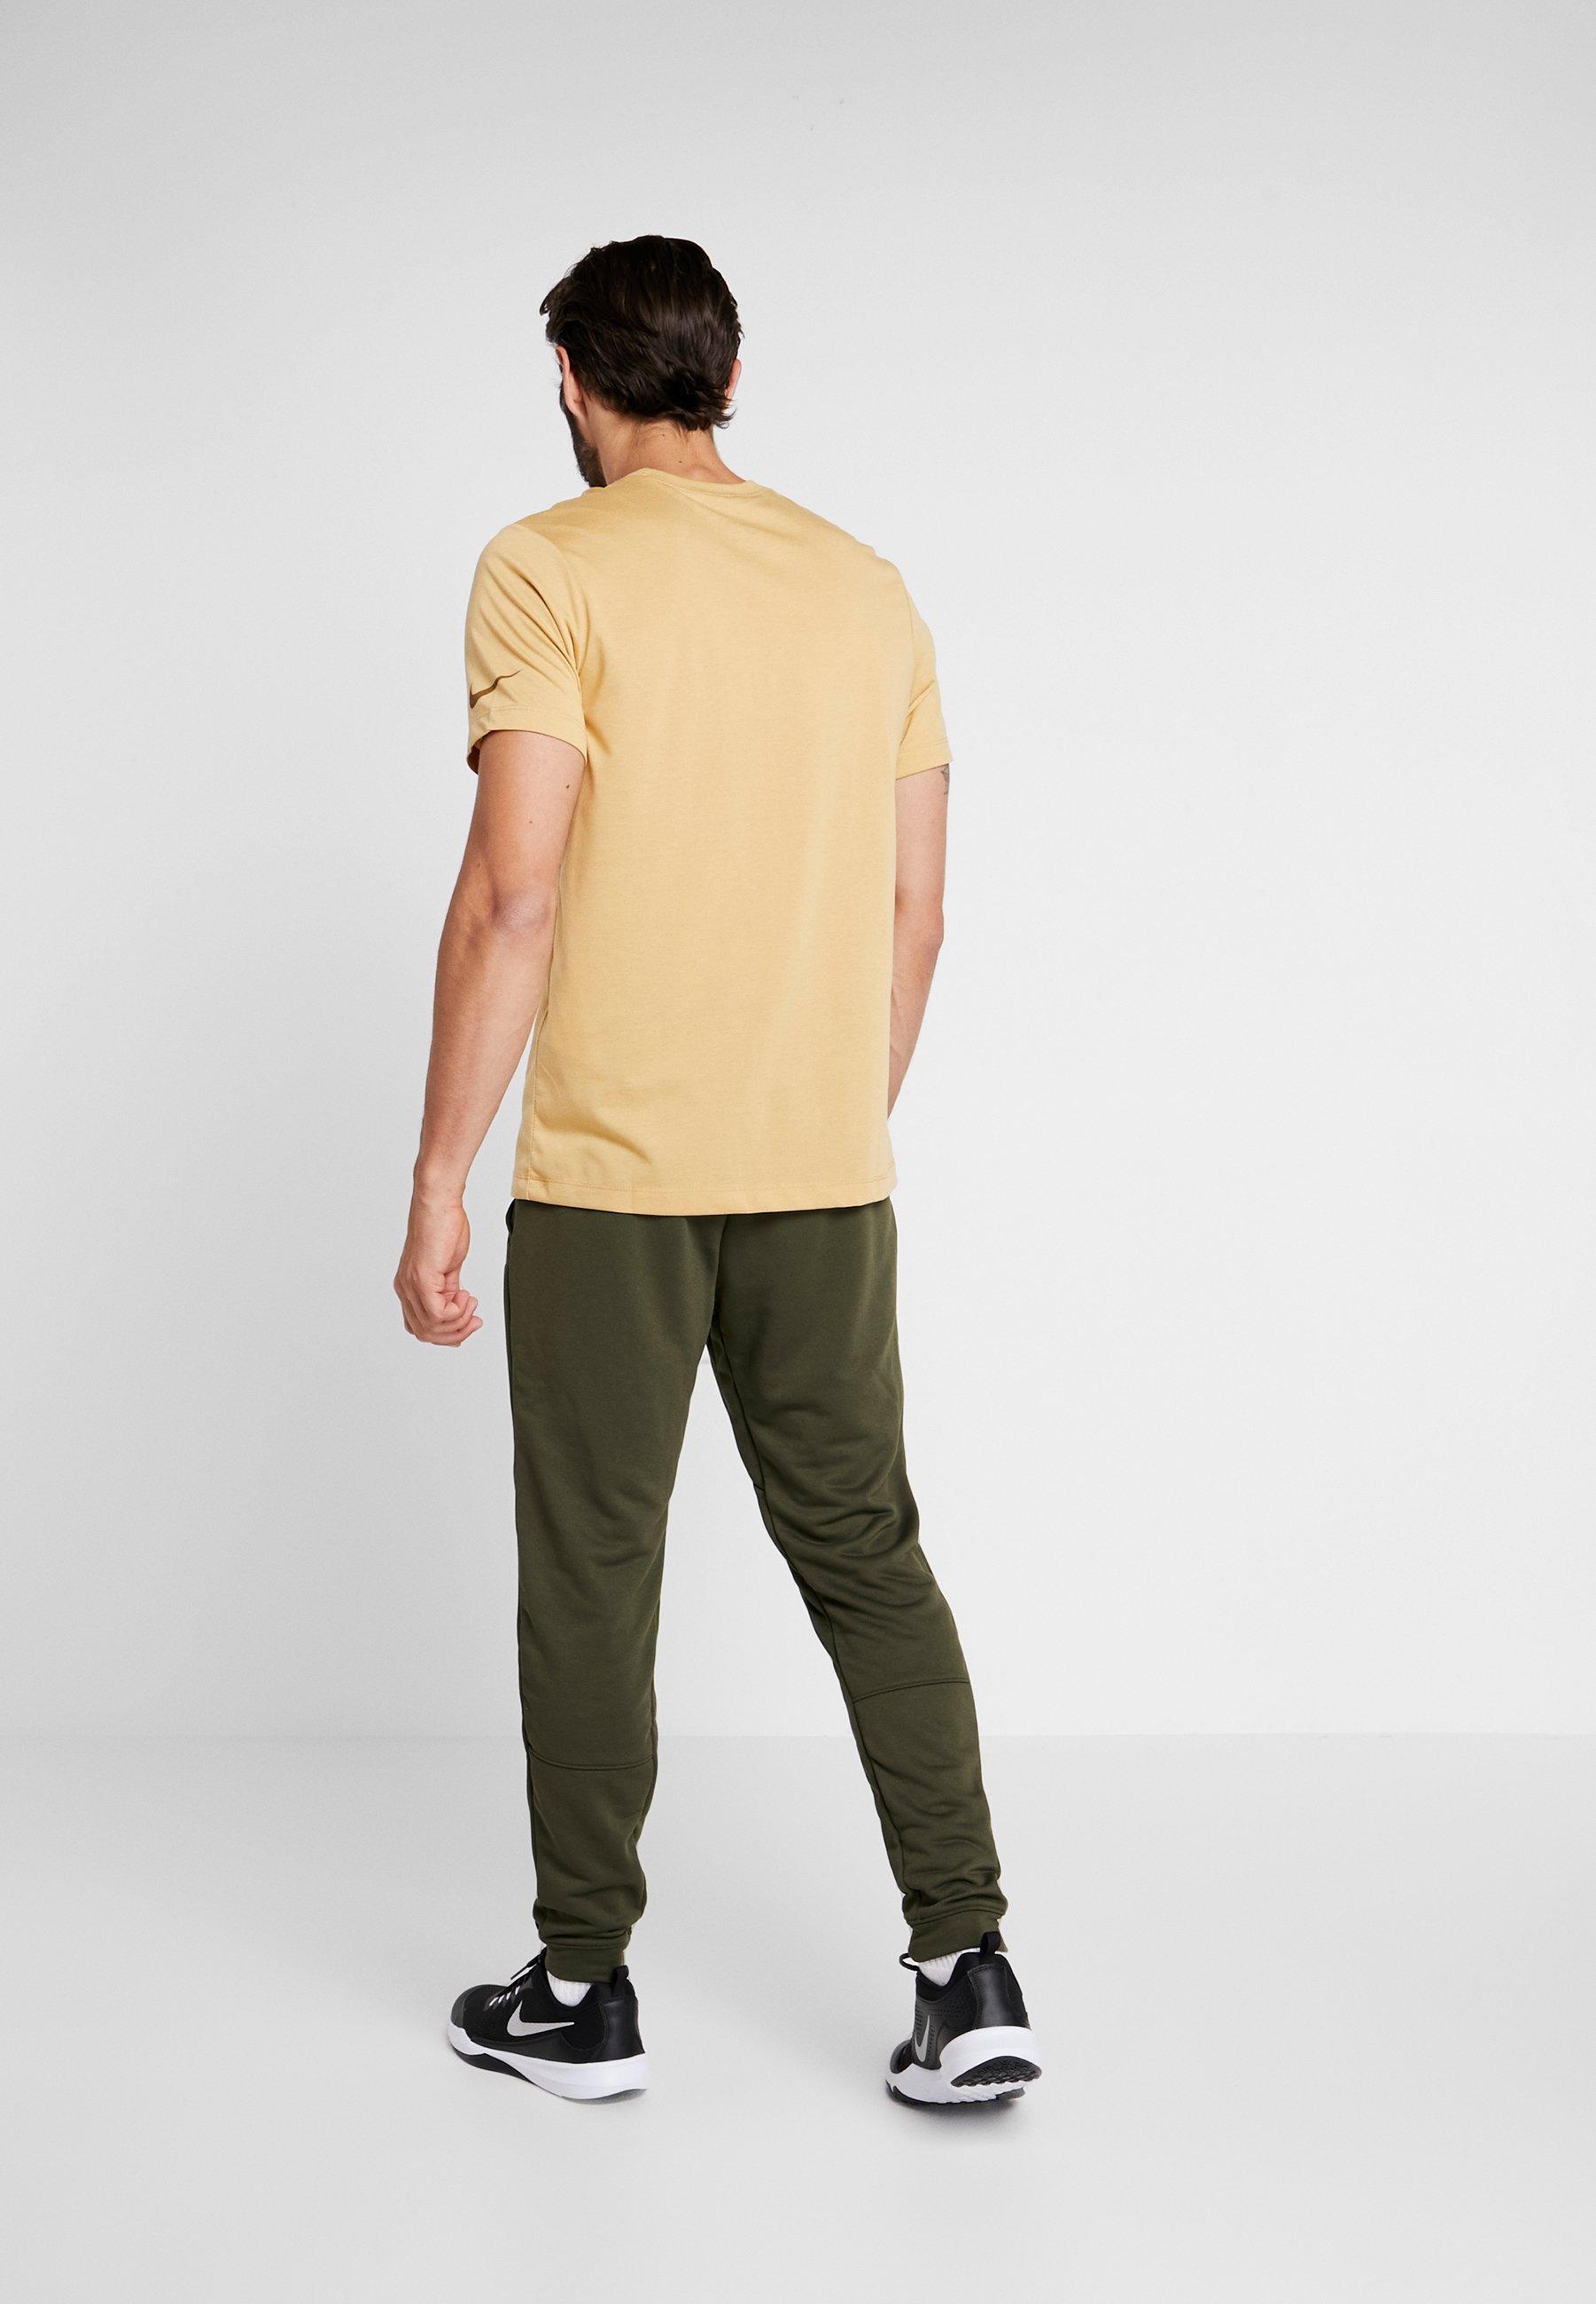 Khaki Cargo Pant Nike Dry Performance TaperPantalon De black Survêtement CxBedo